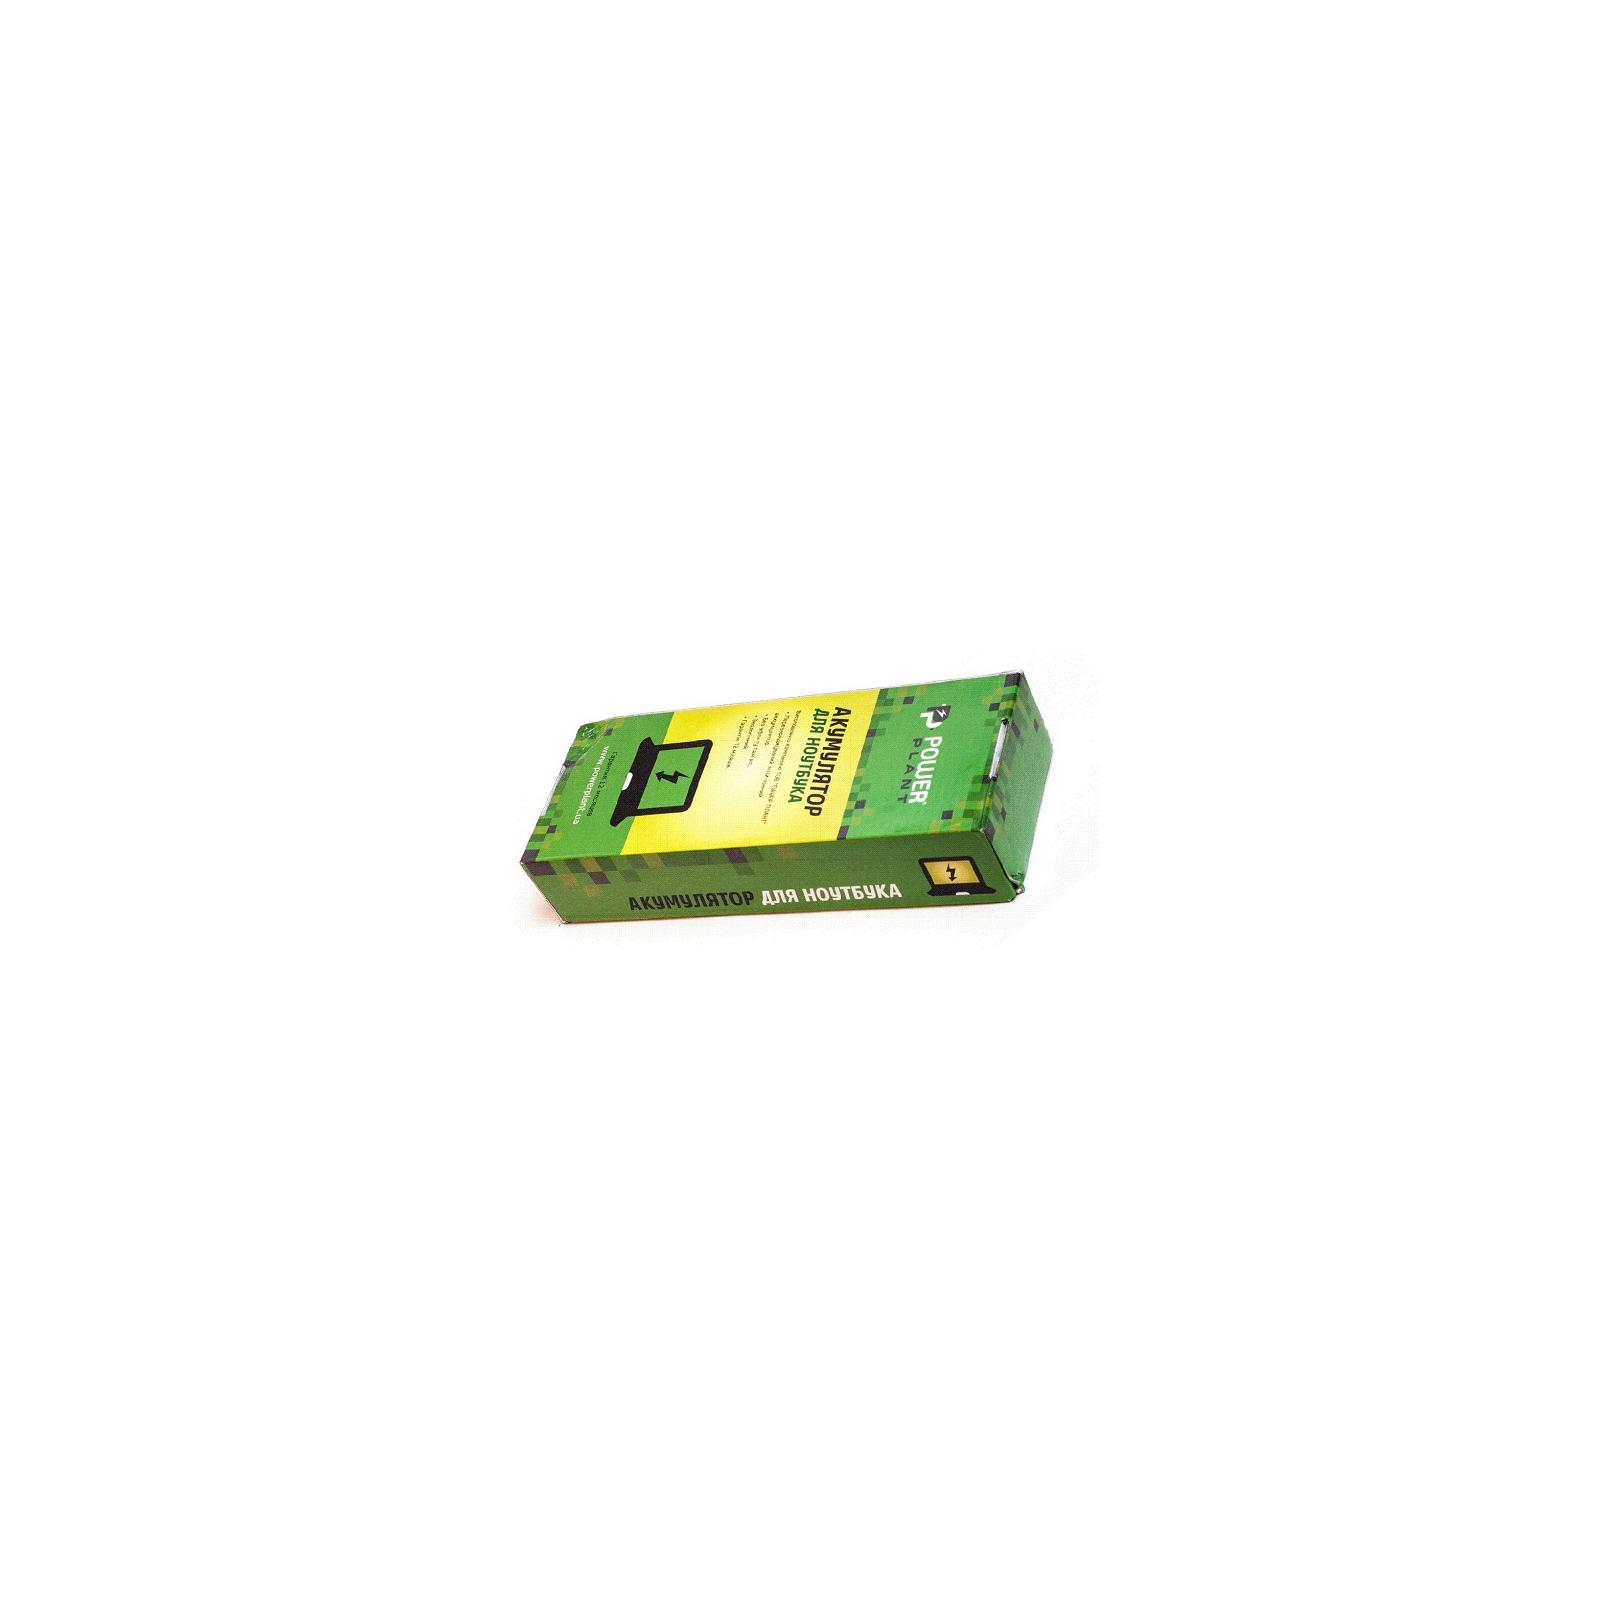 Аккумулятор для ноутбука DELL Latitude E4300 (FM332) 11.1V 5200mAh PowerPlant (NB00000010) изображение 3